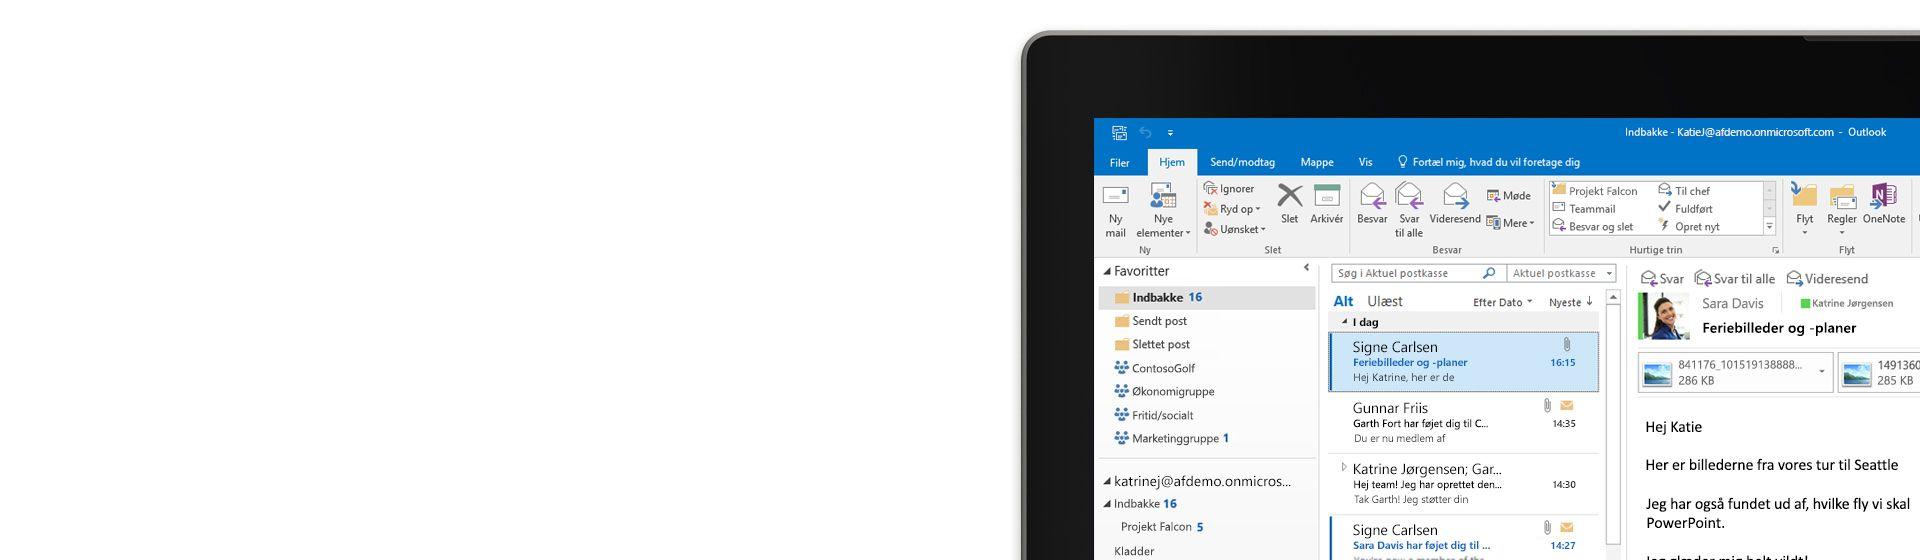 Delvis visning af skrivebordsversionen af Microsoft Outlook